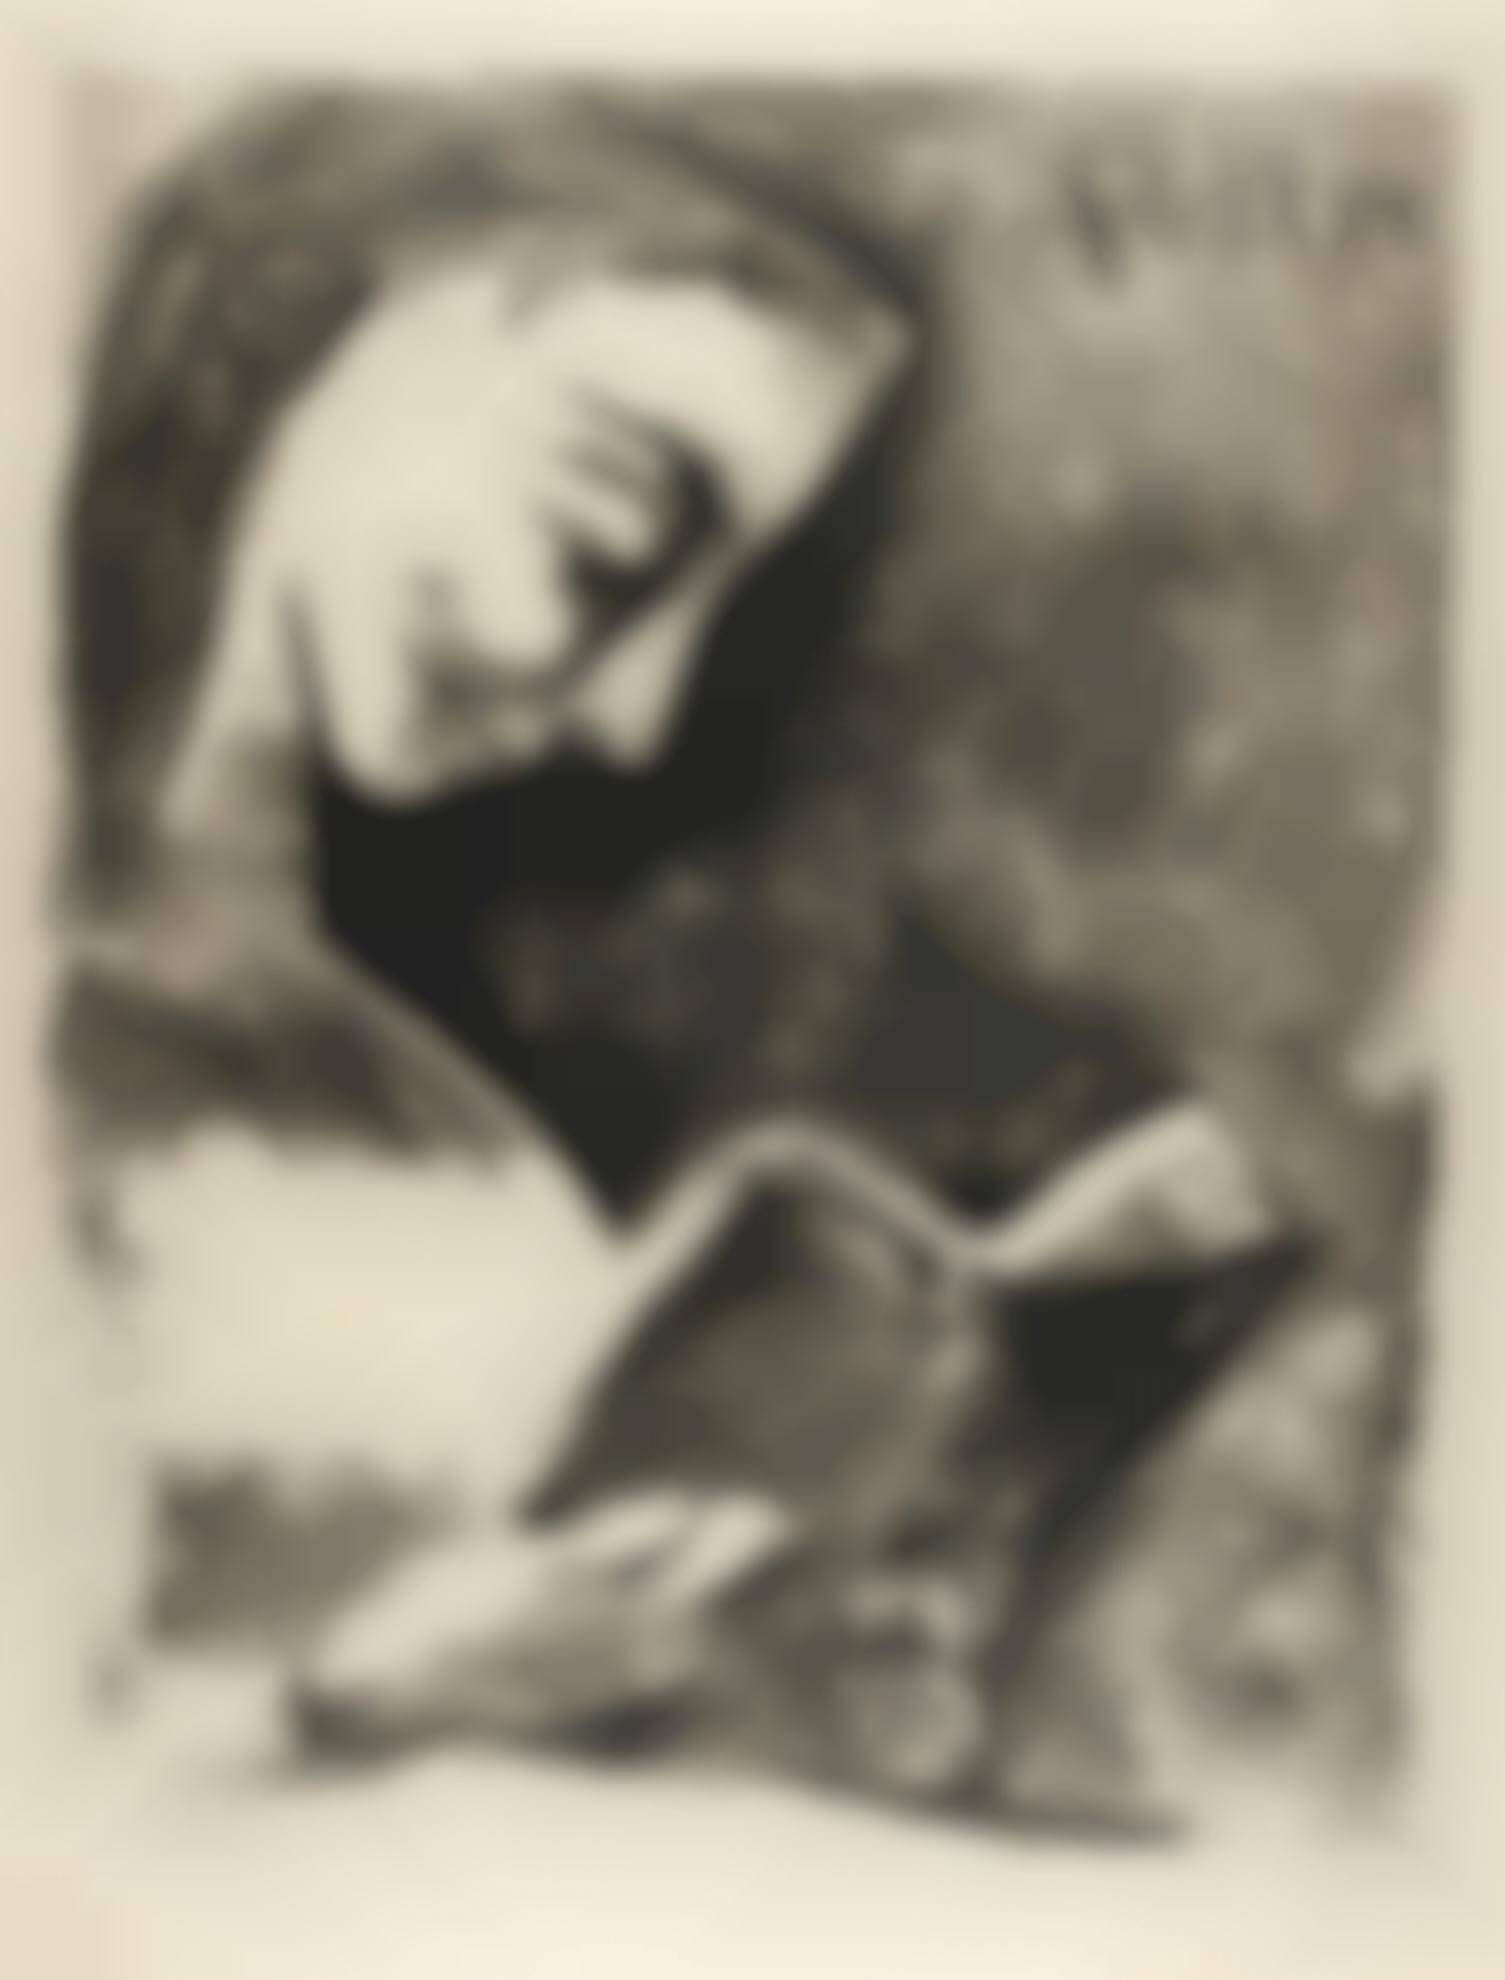 Pablo Picasso-Jacqueline Lisant (B. 851; M., Pp. 309)-1957